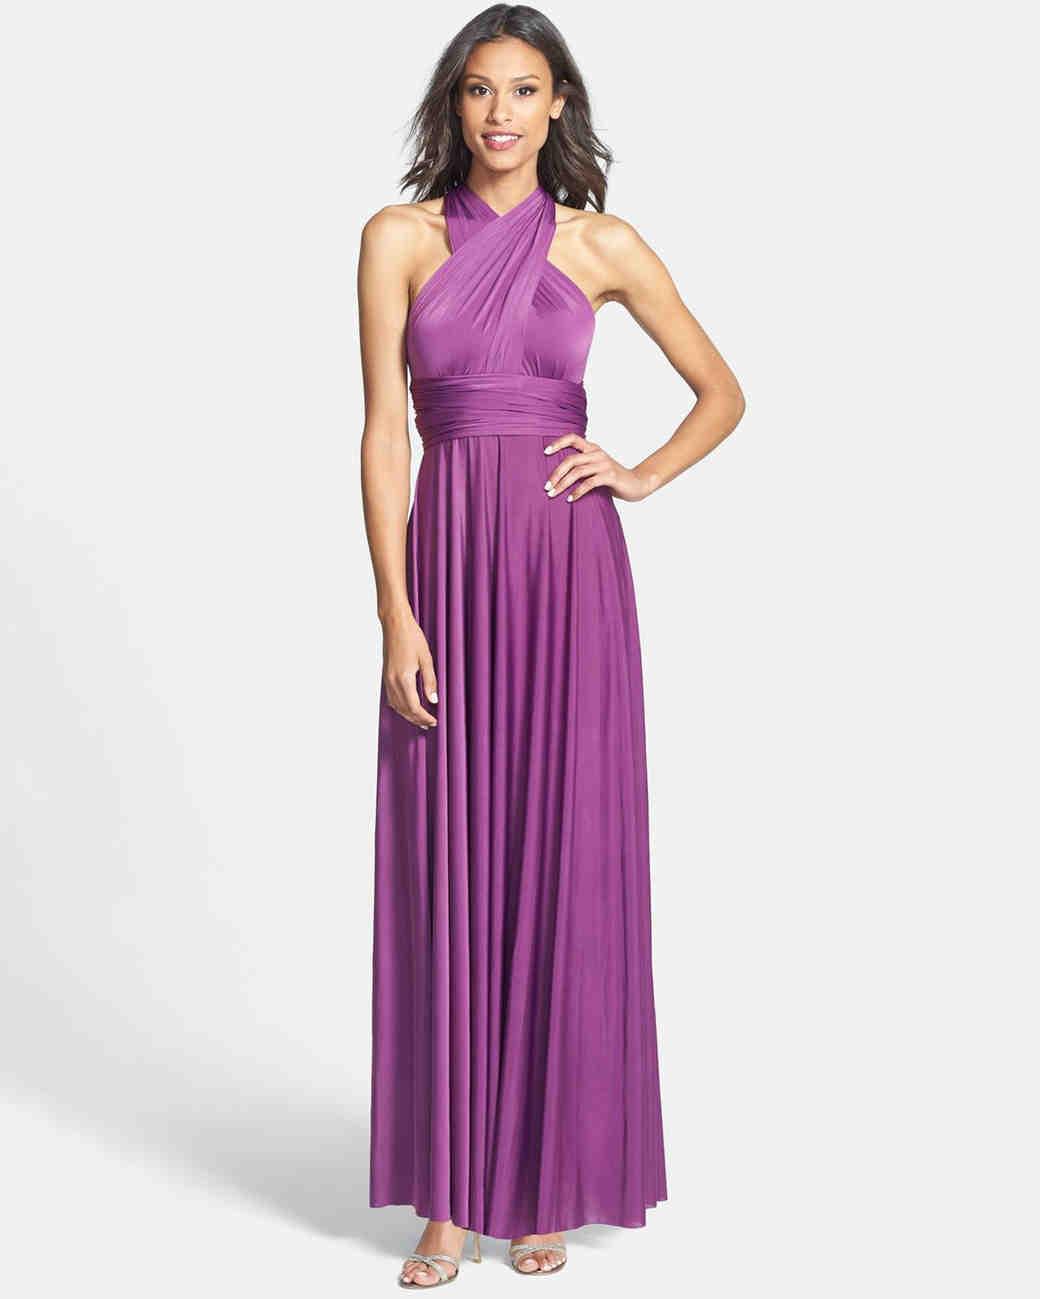 Wedding Purple Bridesmaid Dress purple bridesmaid dresses martha stewart weddings